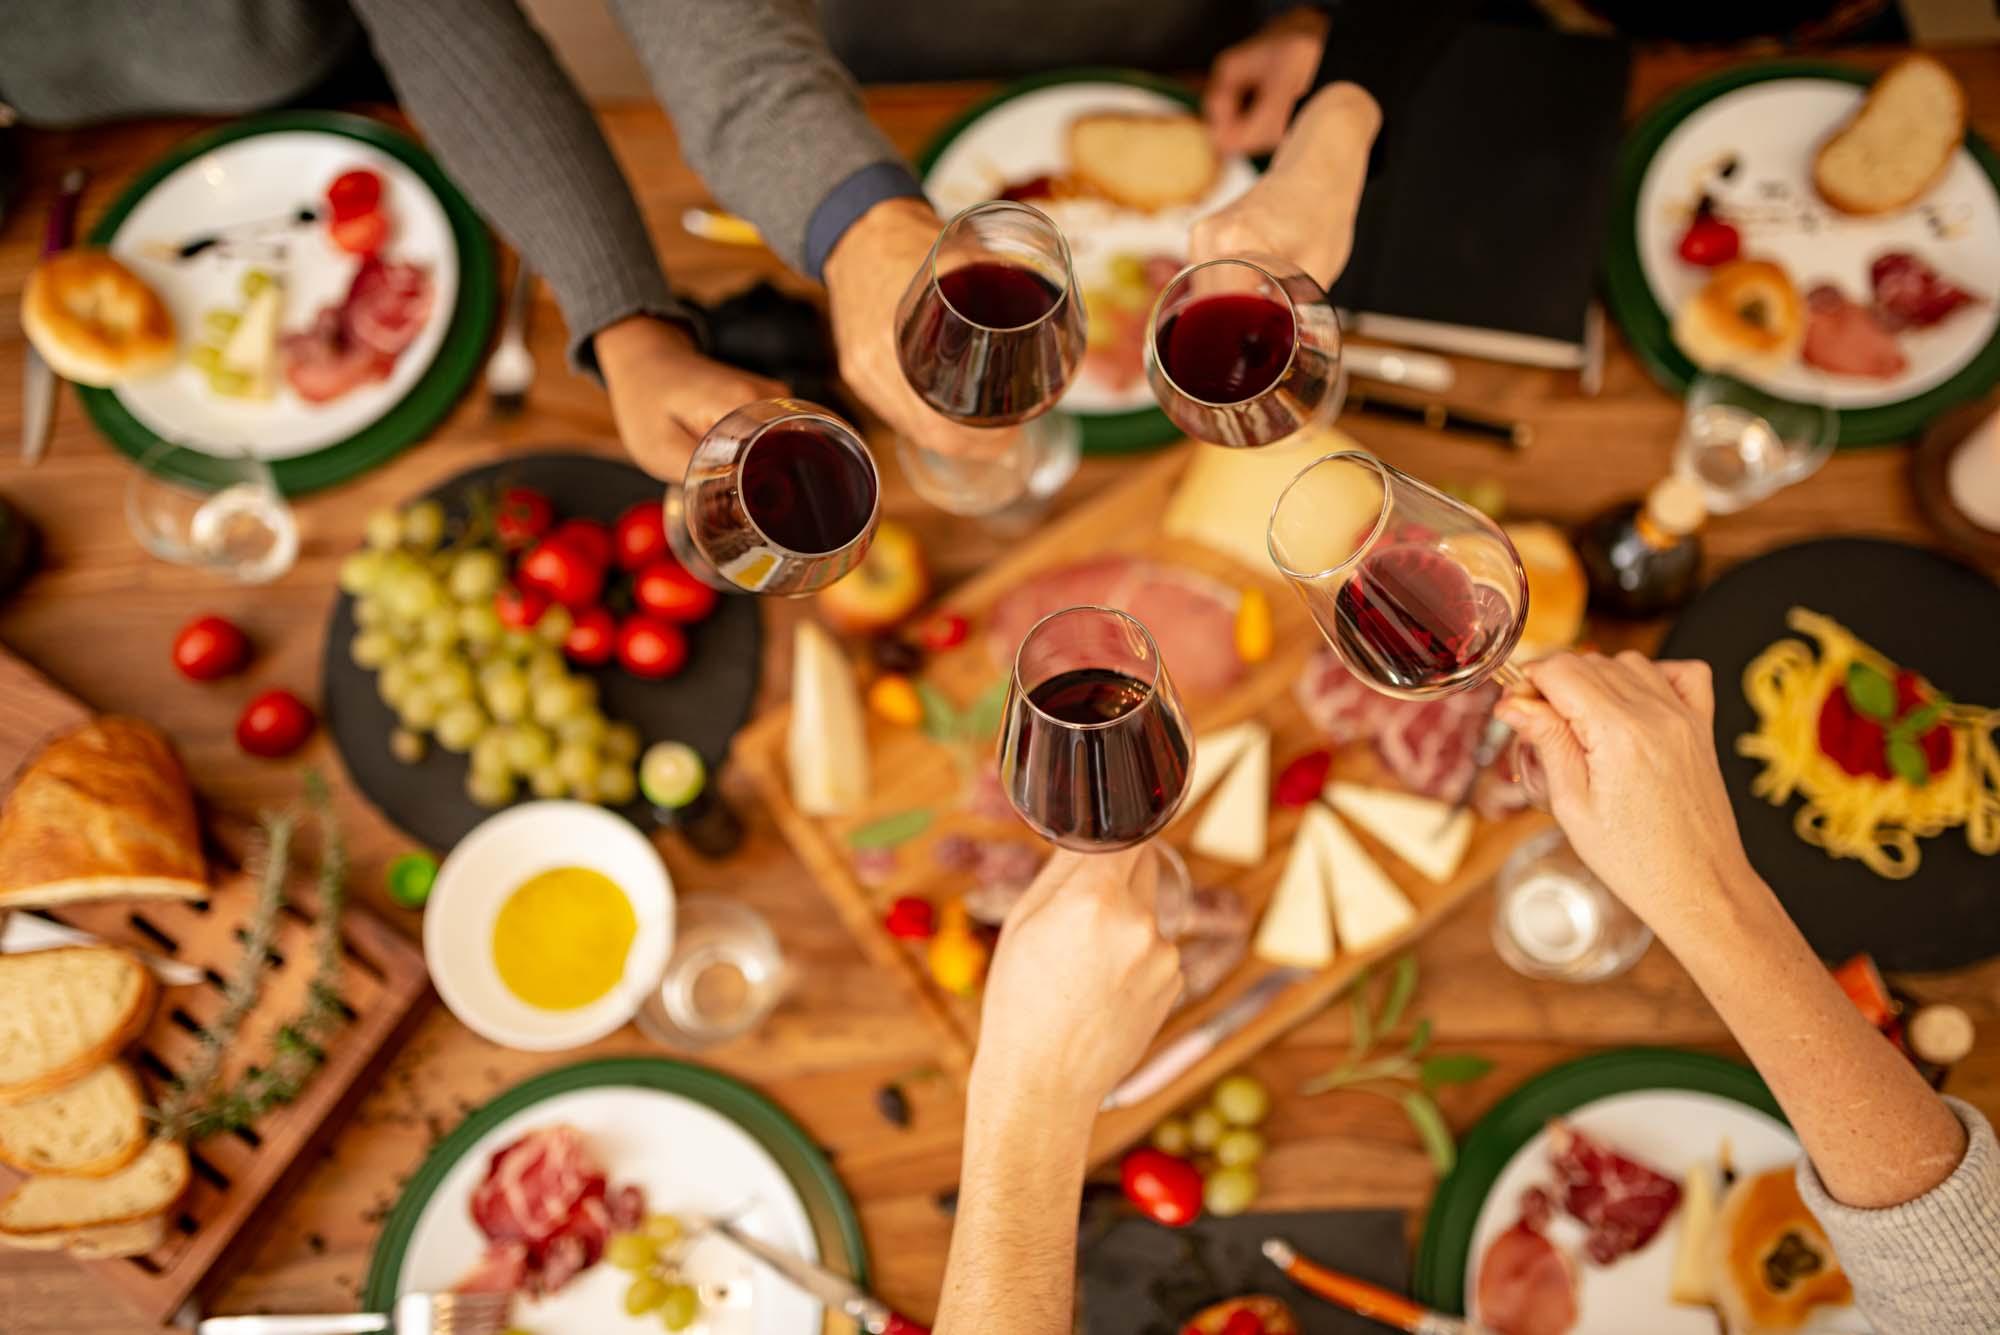 Cucina Amatoriale Cene Aziendali a Torino